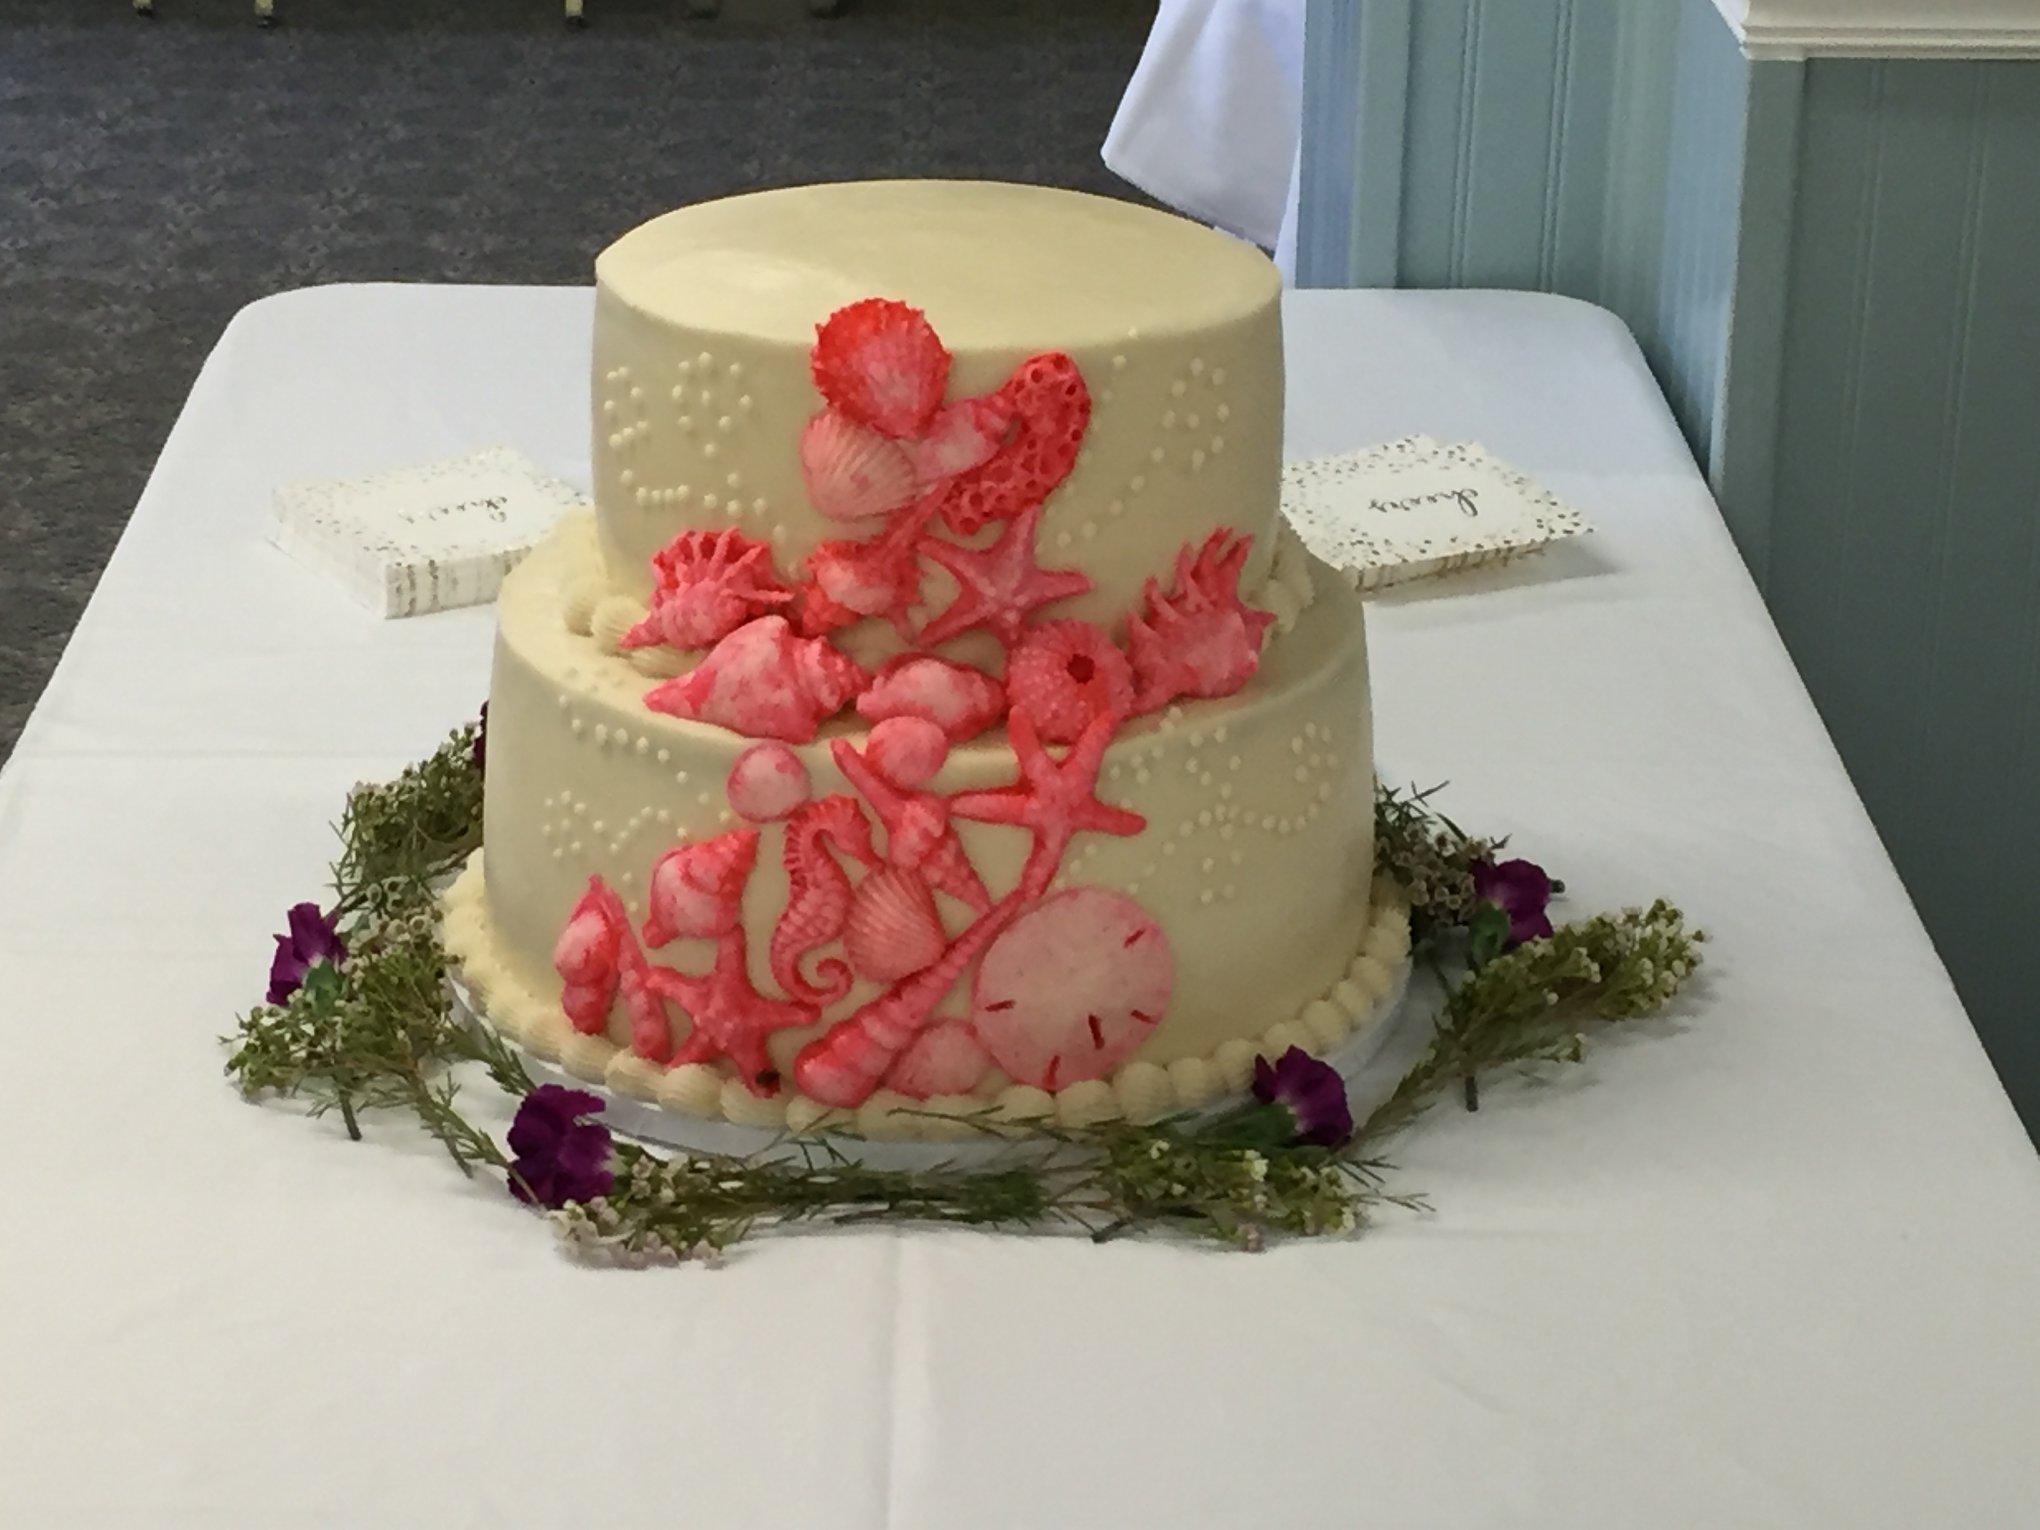 soco cake 3.jpg